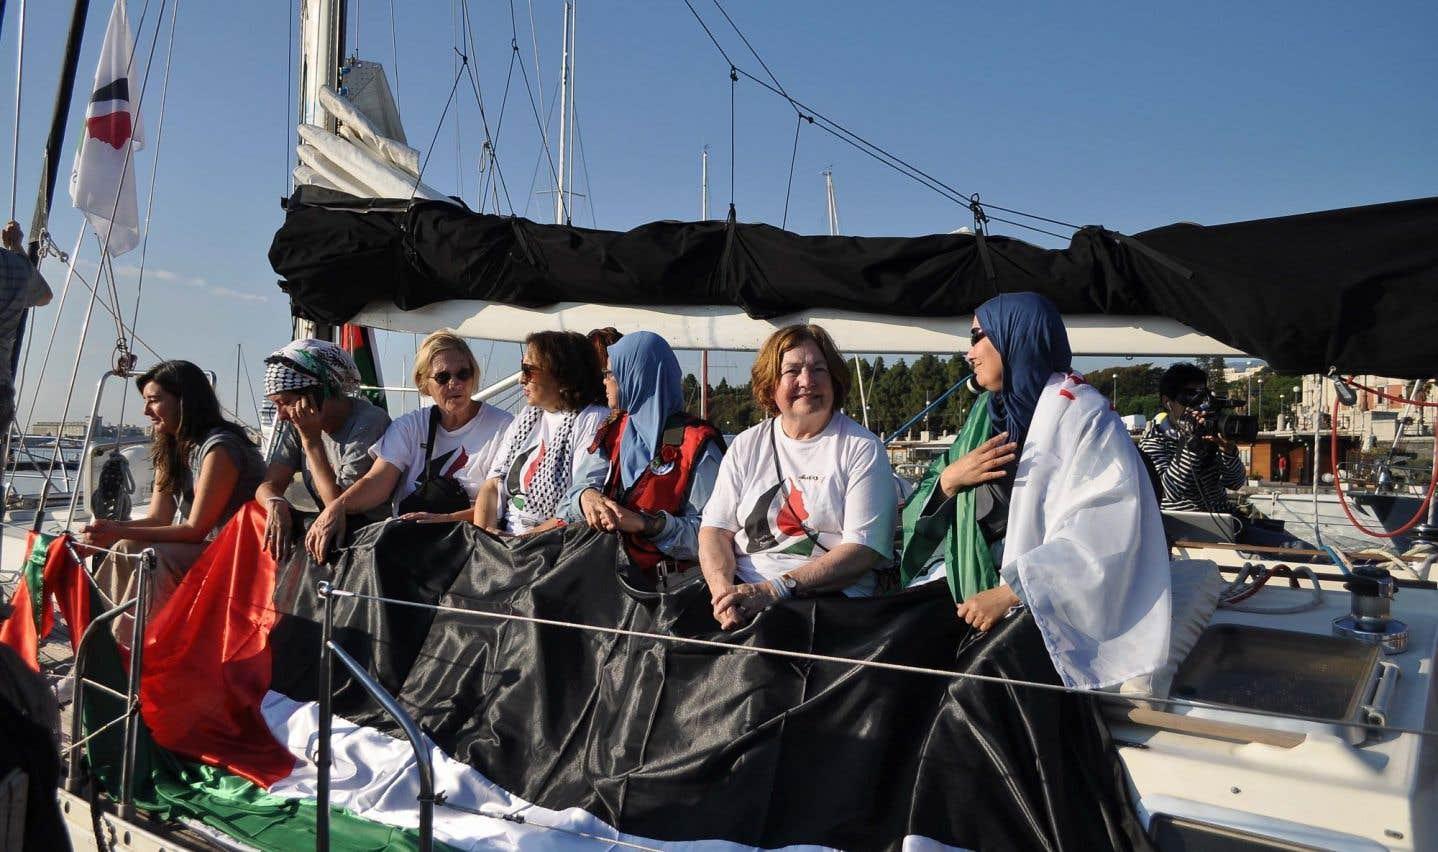 Un nouveau bateau cherche à briser le blocus de Gaza